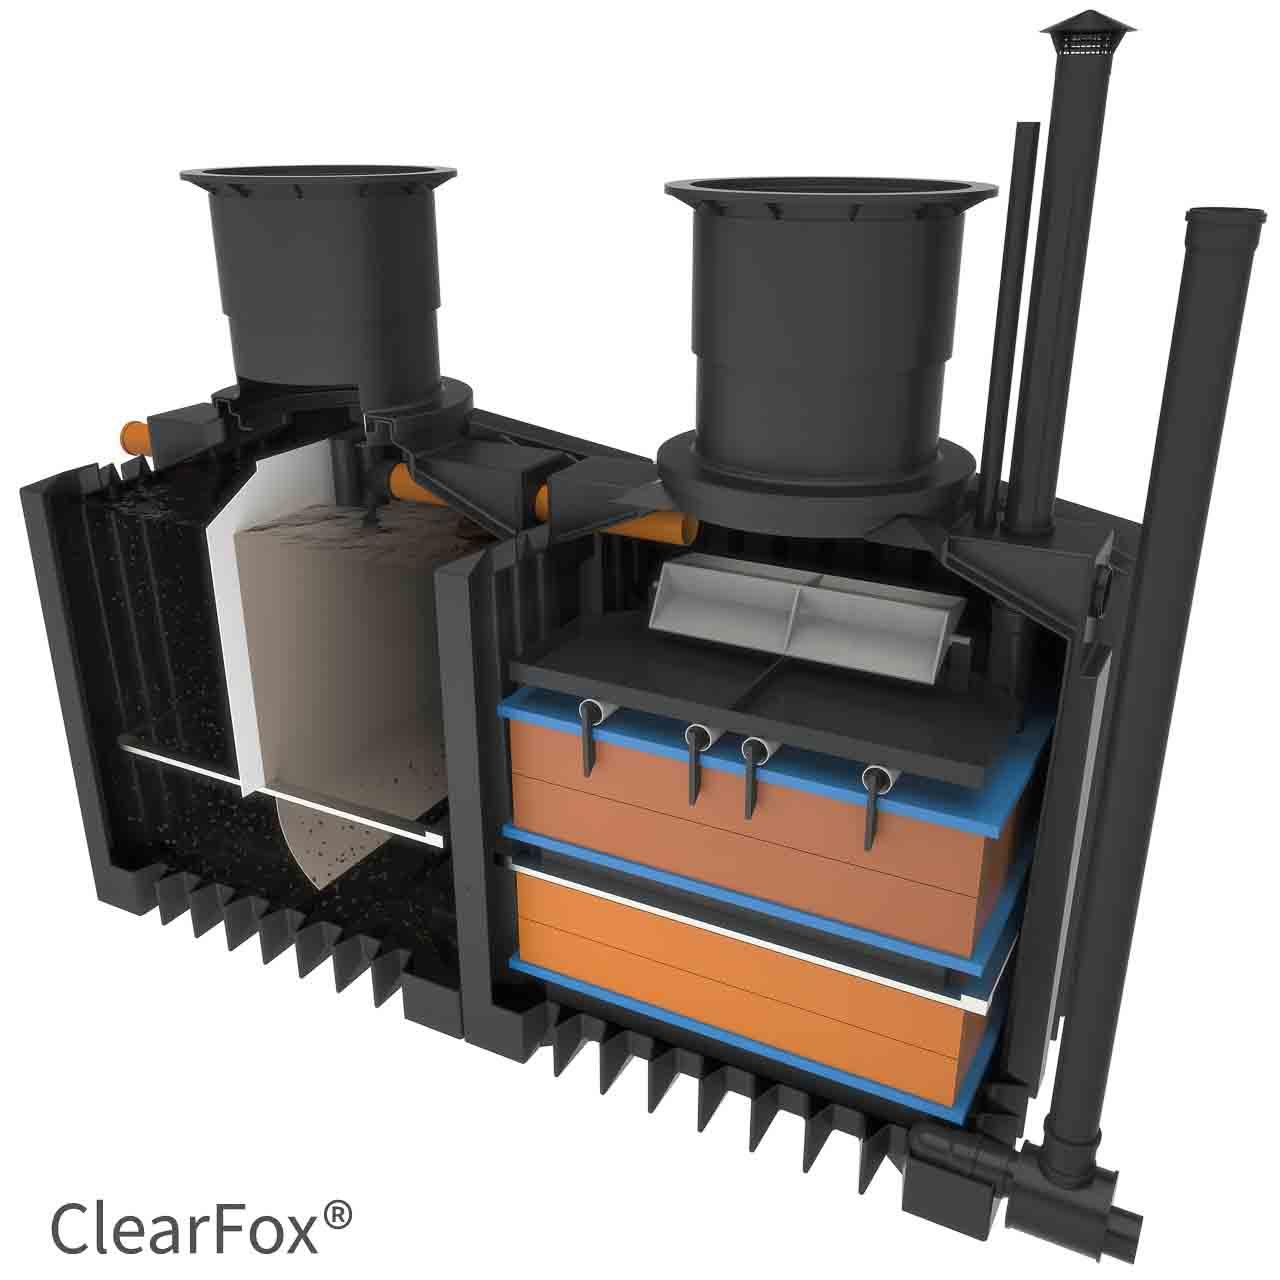 ClearFox Nature small domestic non electric domestic